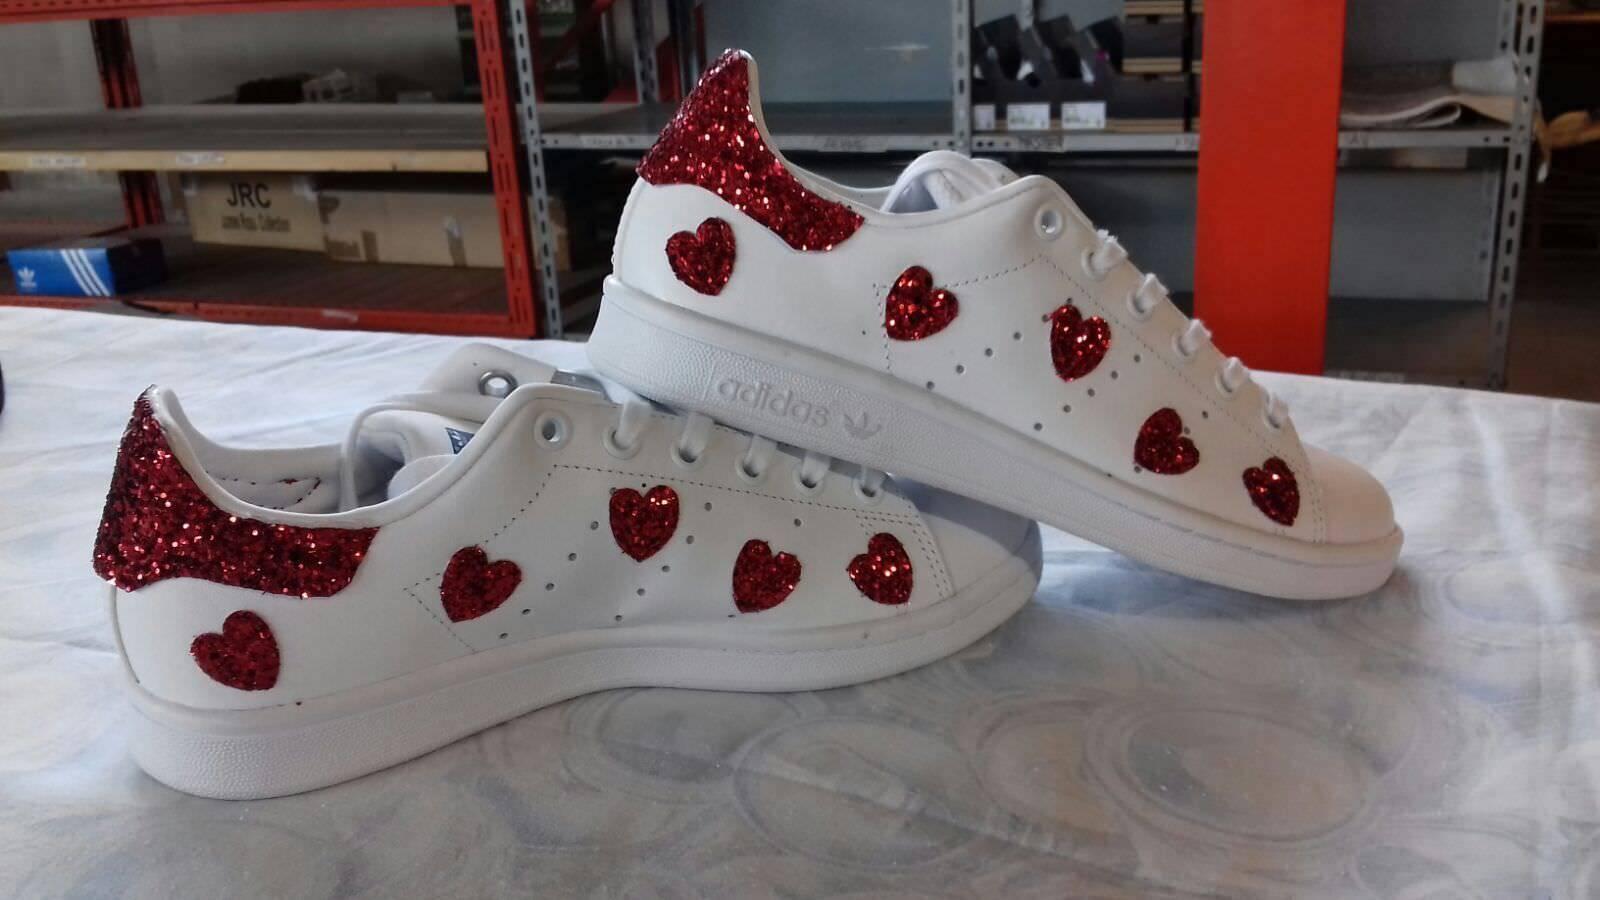 schuhe adidas stan smith con glitter rot e cuori rossi